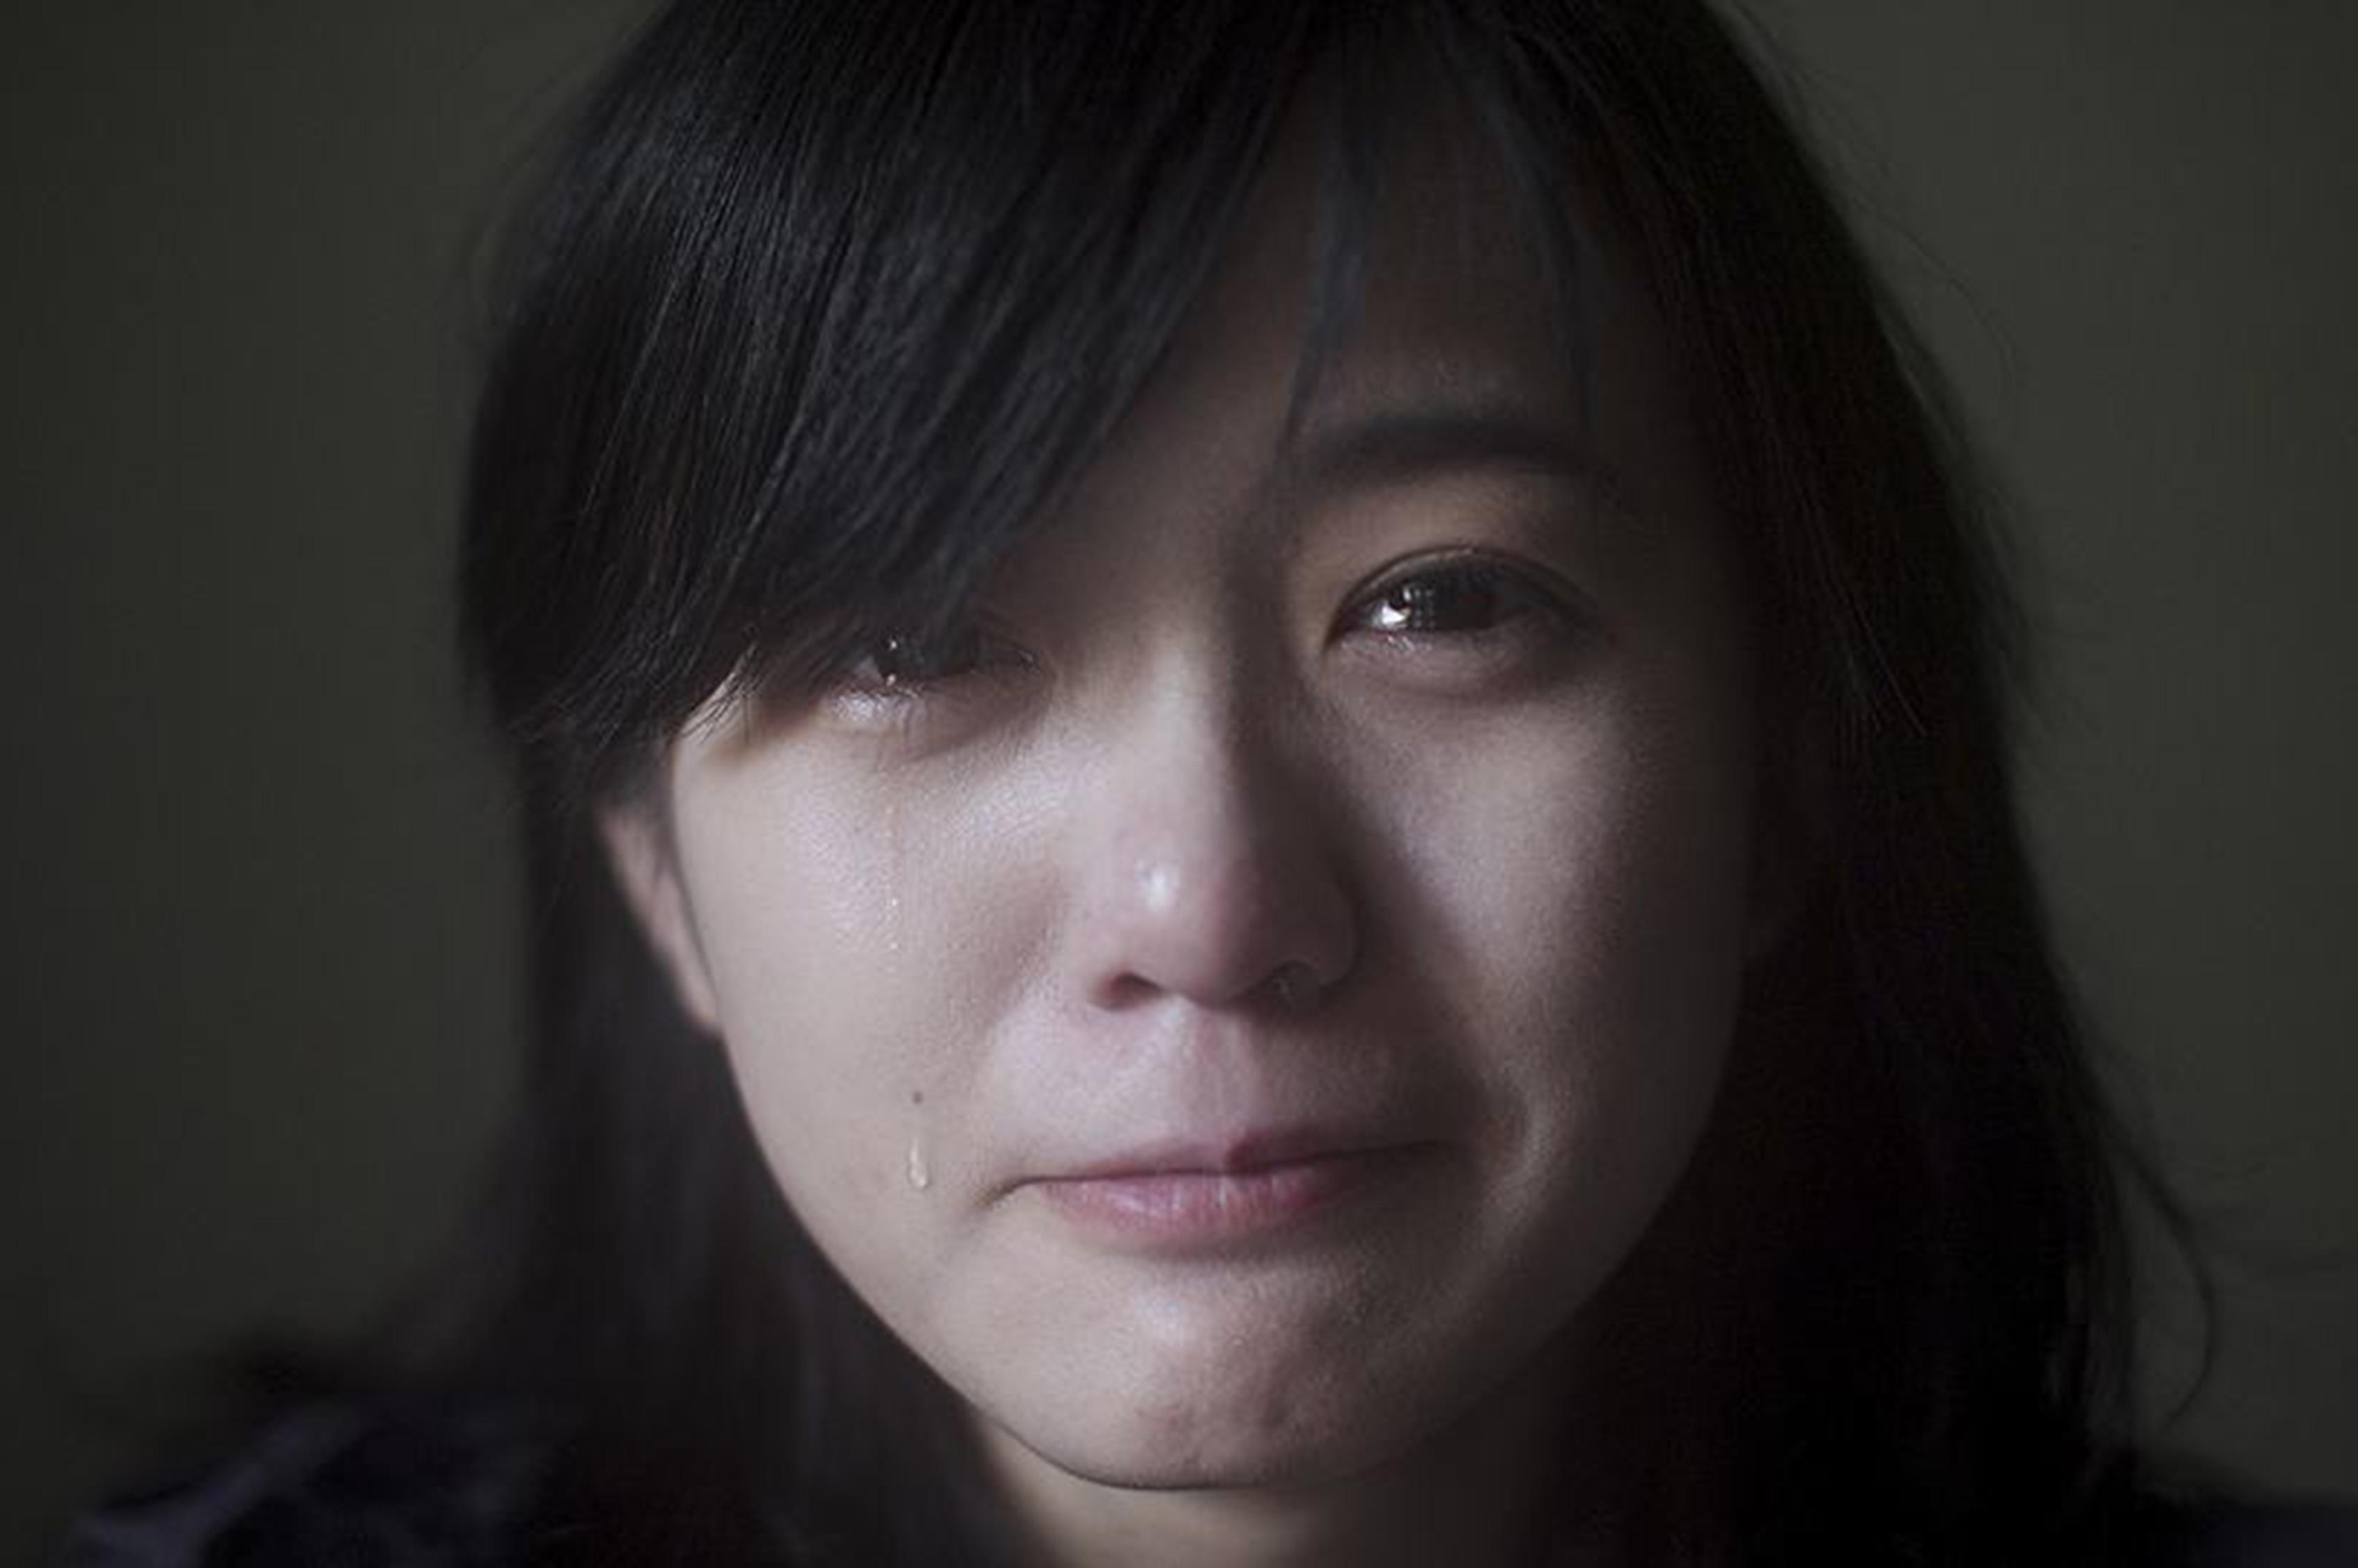 一个人伤心流泪的图片_WWW.QQYA.COM